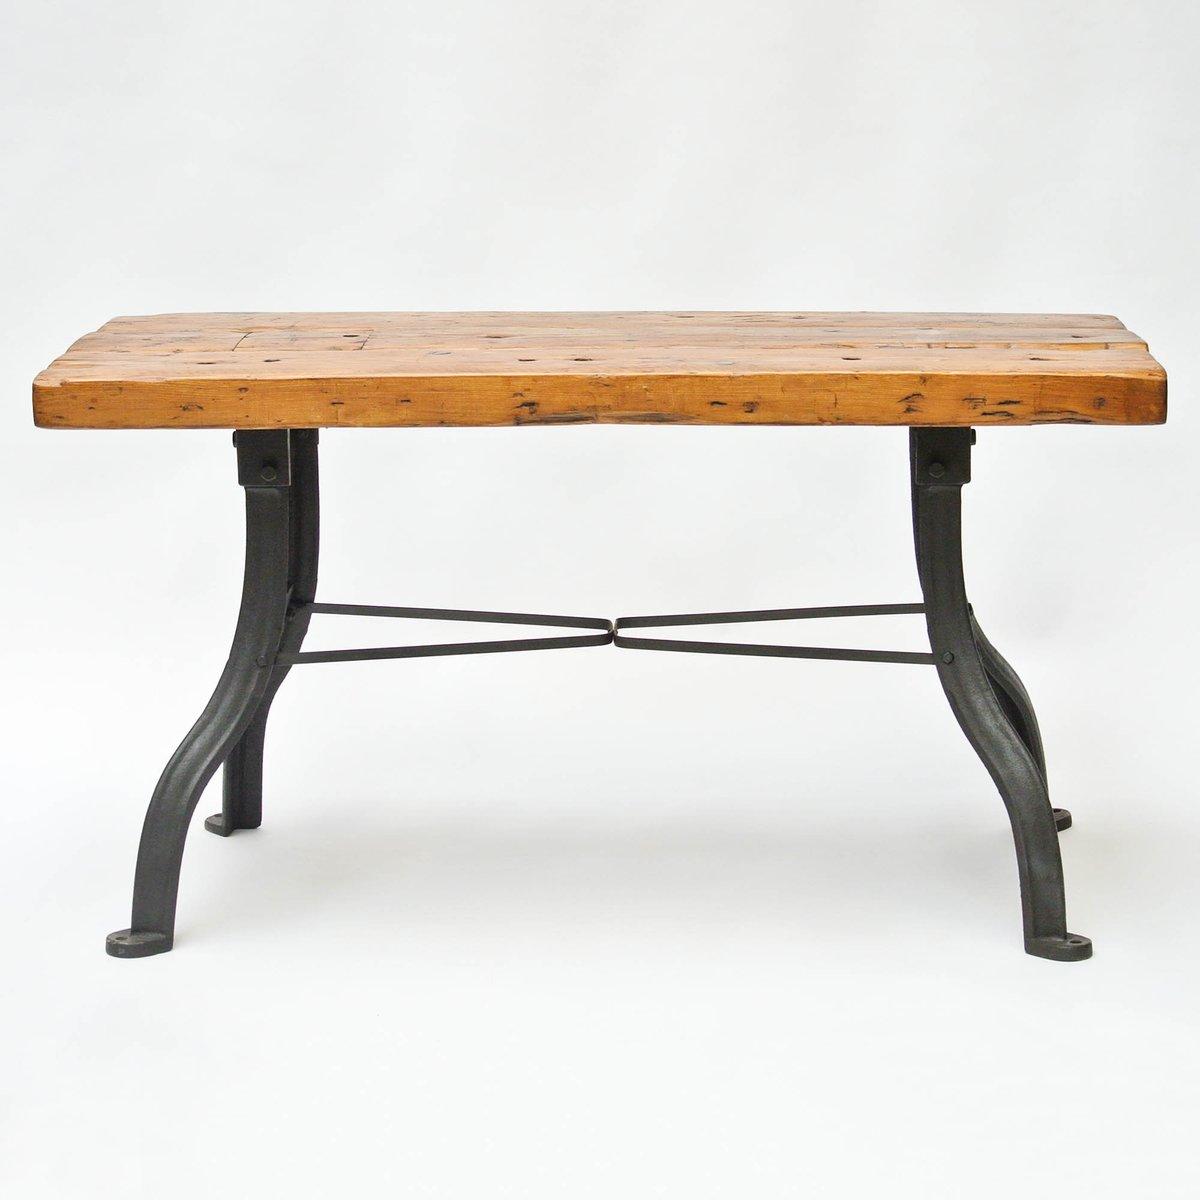 Tavolo da lavoro vintage in legno e ferro battuto in vendita su Pamono